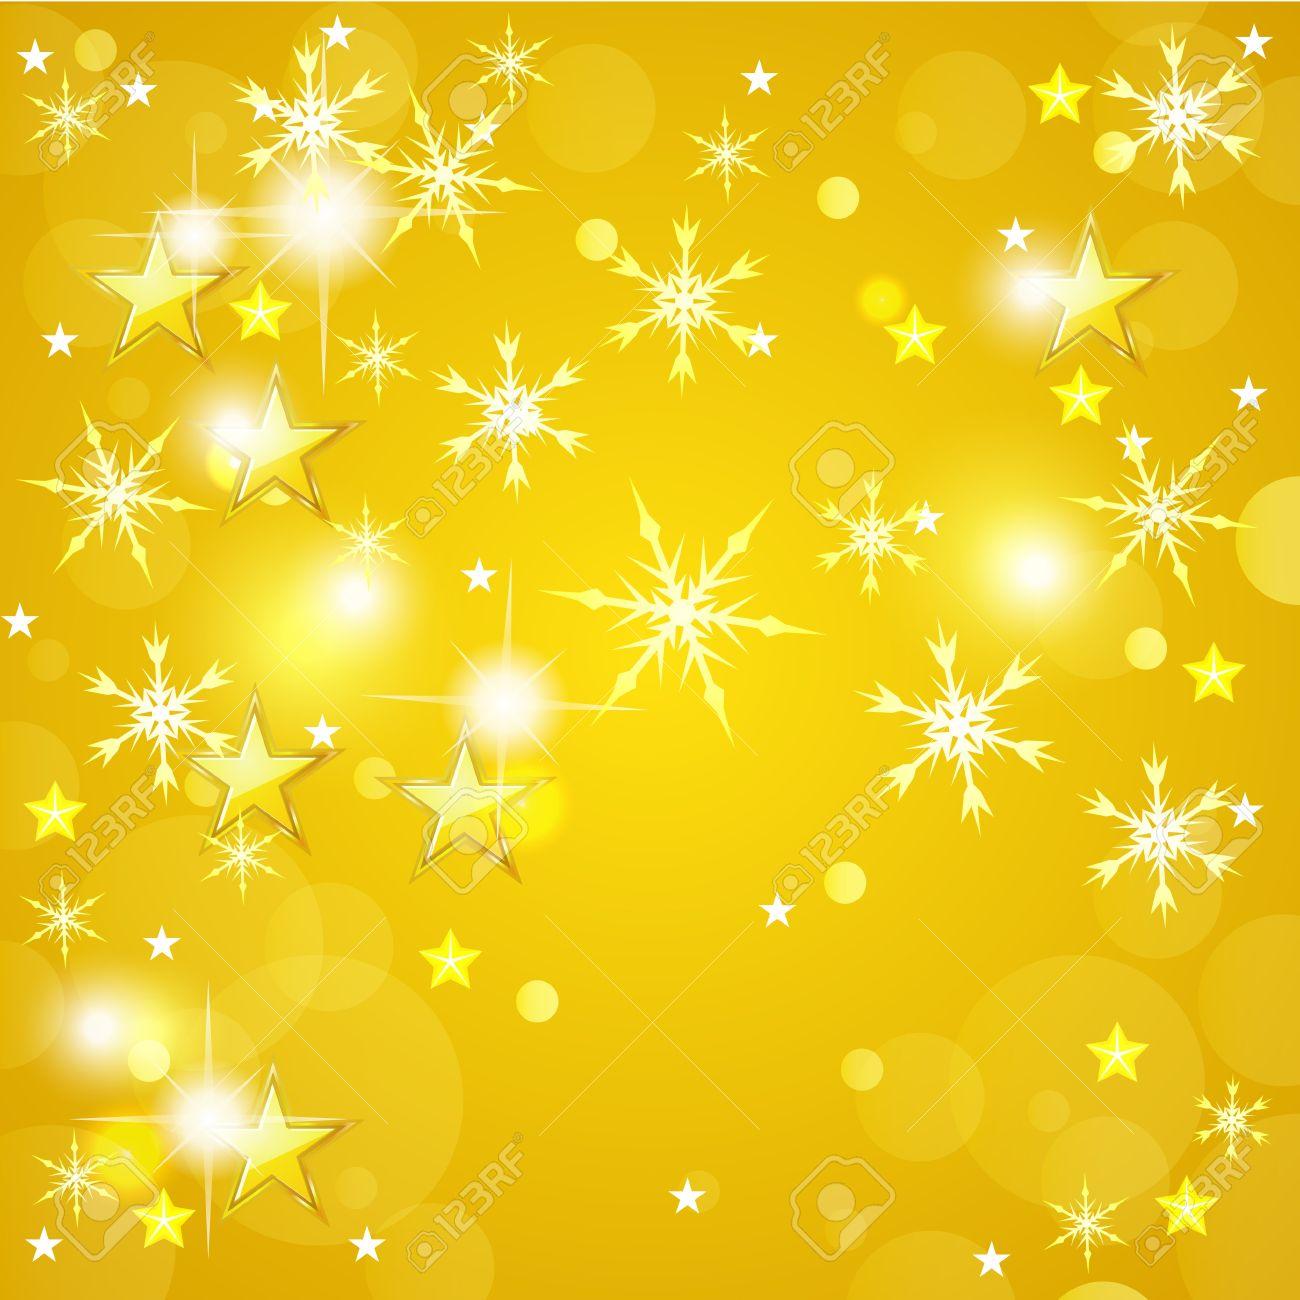 ОРАНЖЕВЫЙ ФОН 16307069-fond-jaune-de-no%C3%ABl-avec-des-%C3%A9toiles-d-or-et-flocons-de-neige